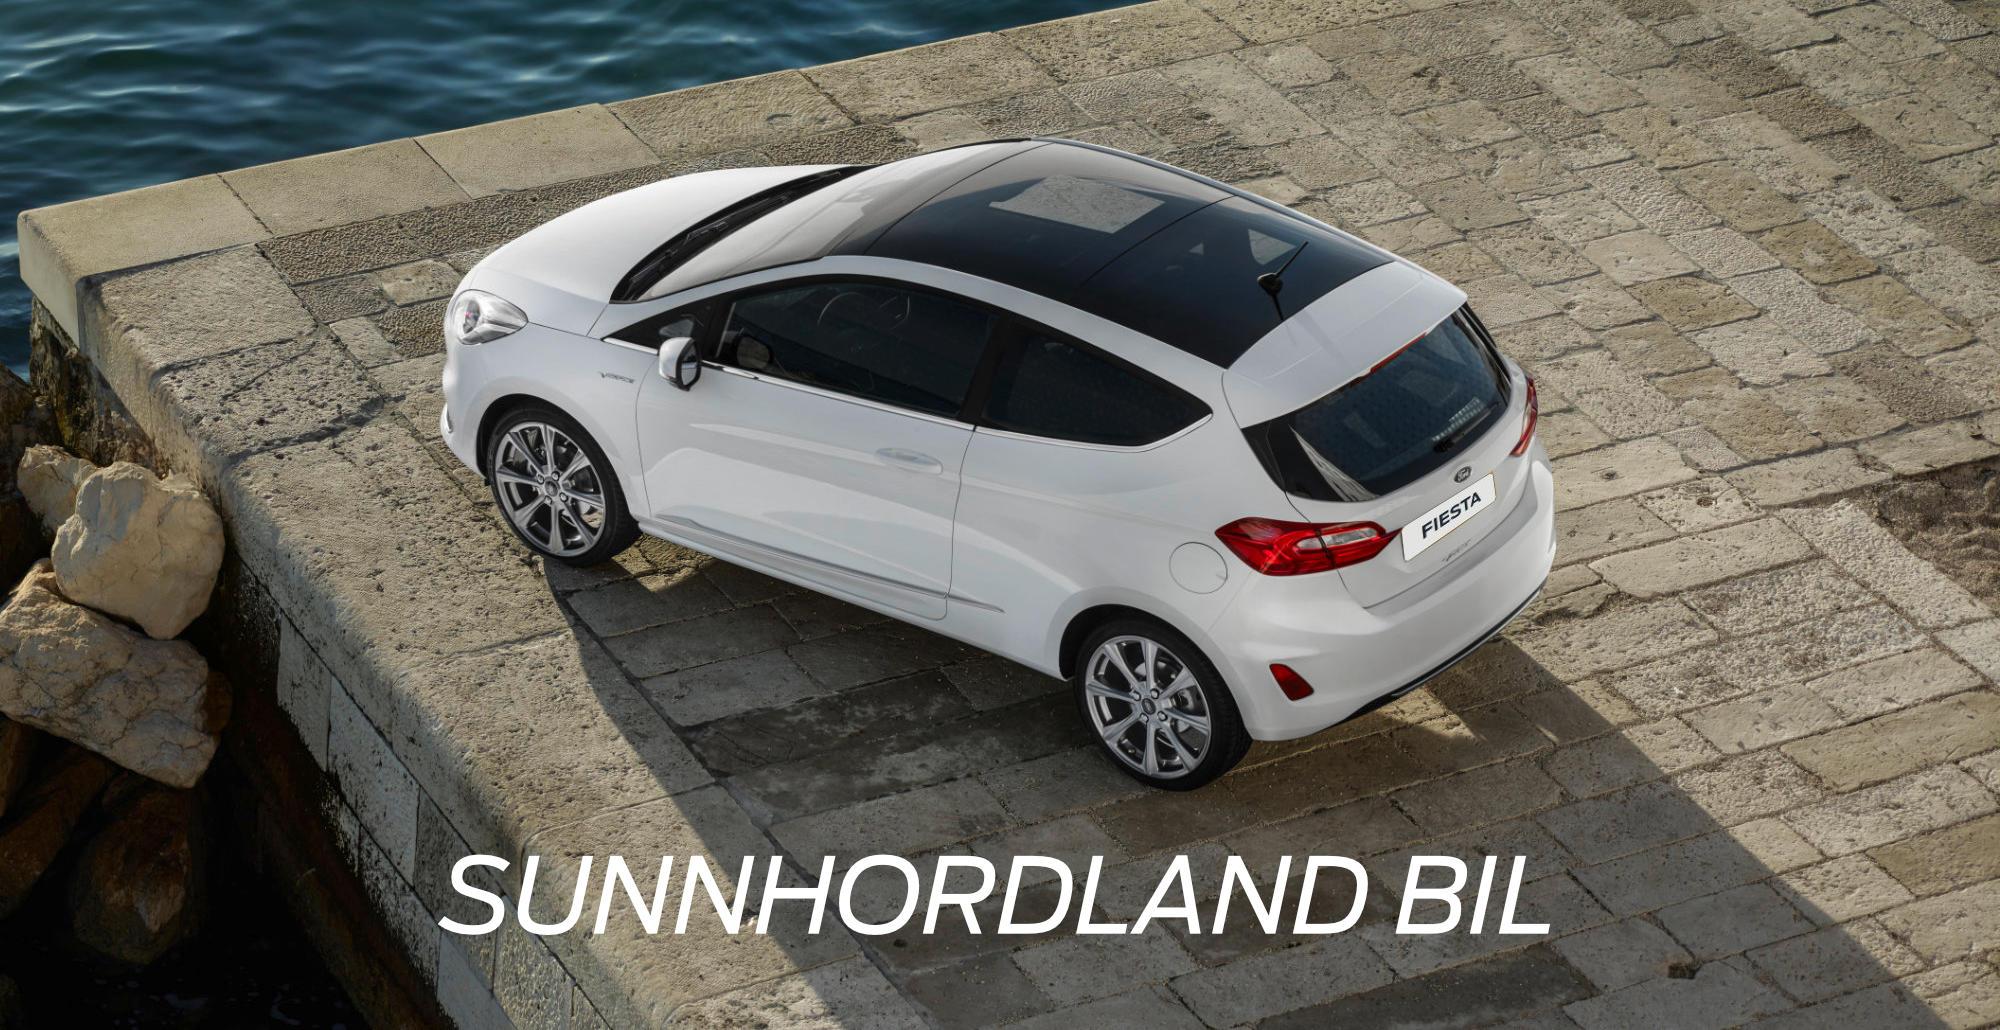 Ny bil - Sunnhordland Bil